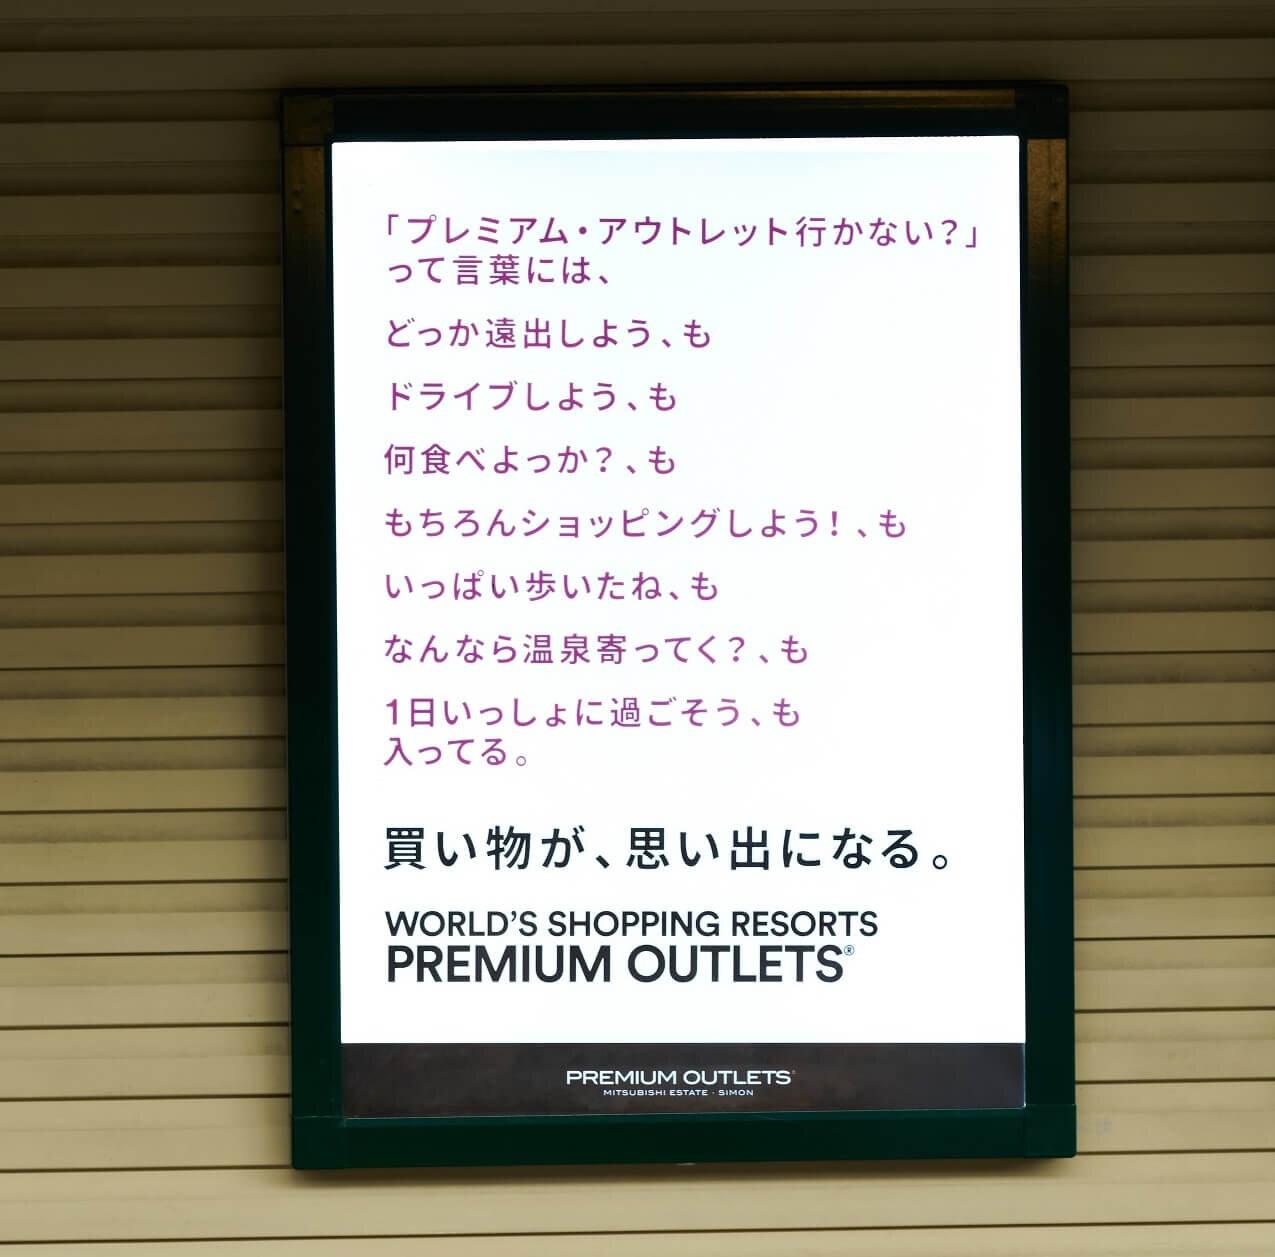 プレミアム・アウトレットの広告